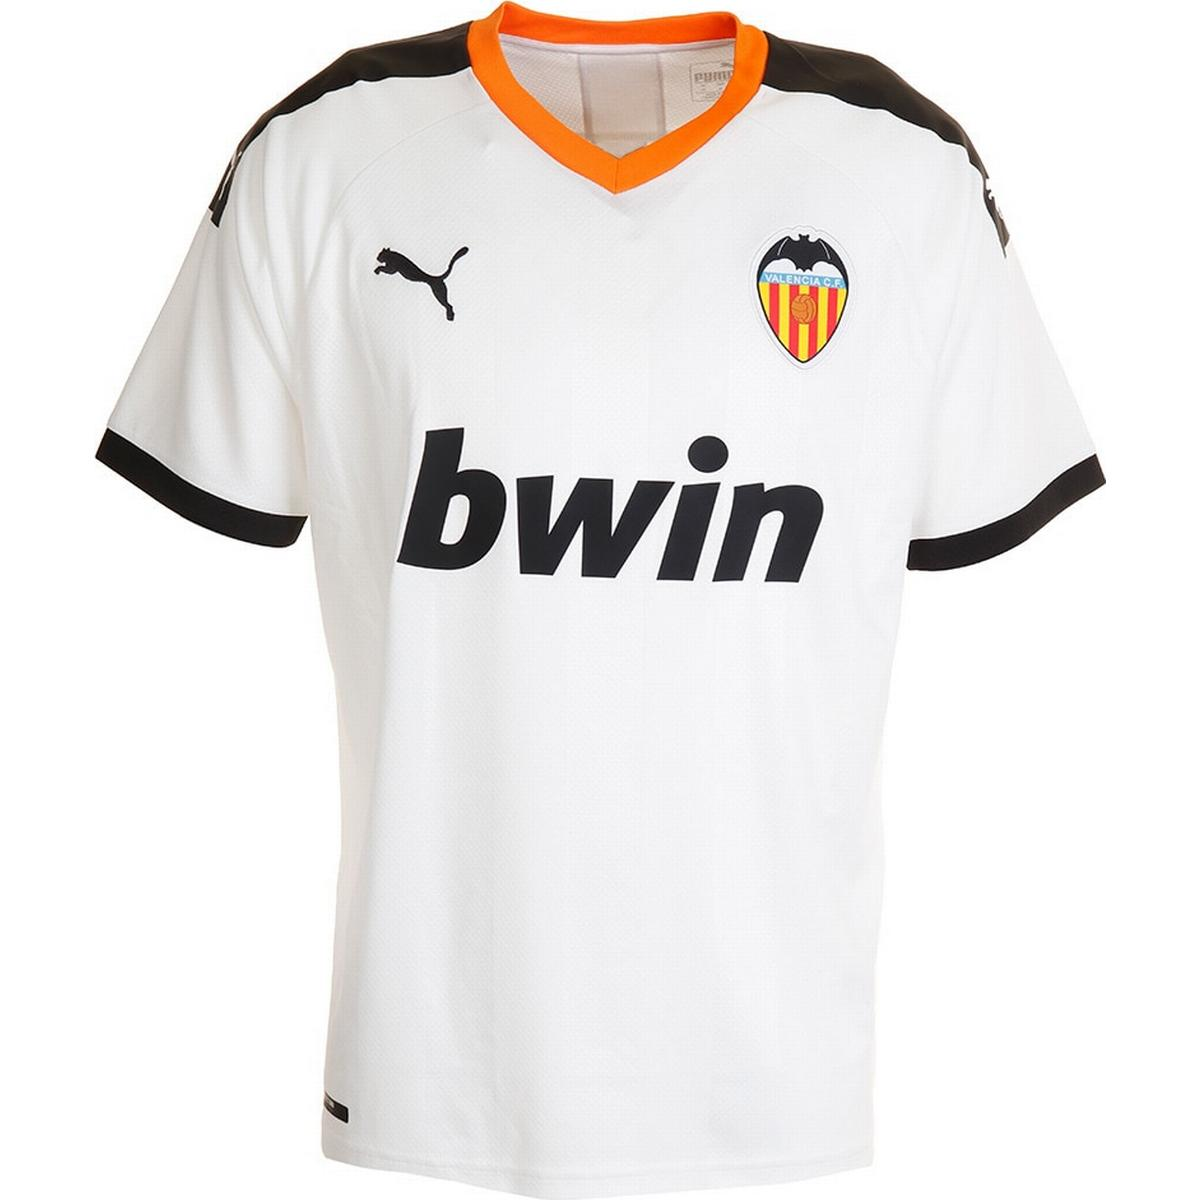 Valencia CF Supporterprodukter (88 produkter) hos